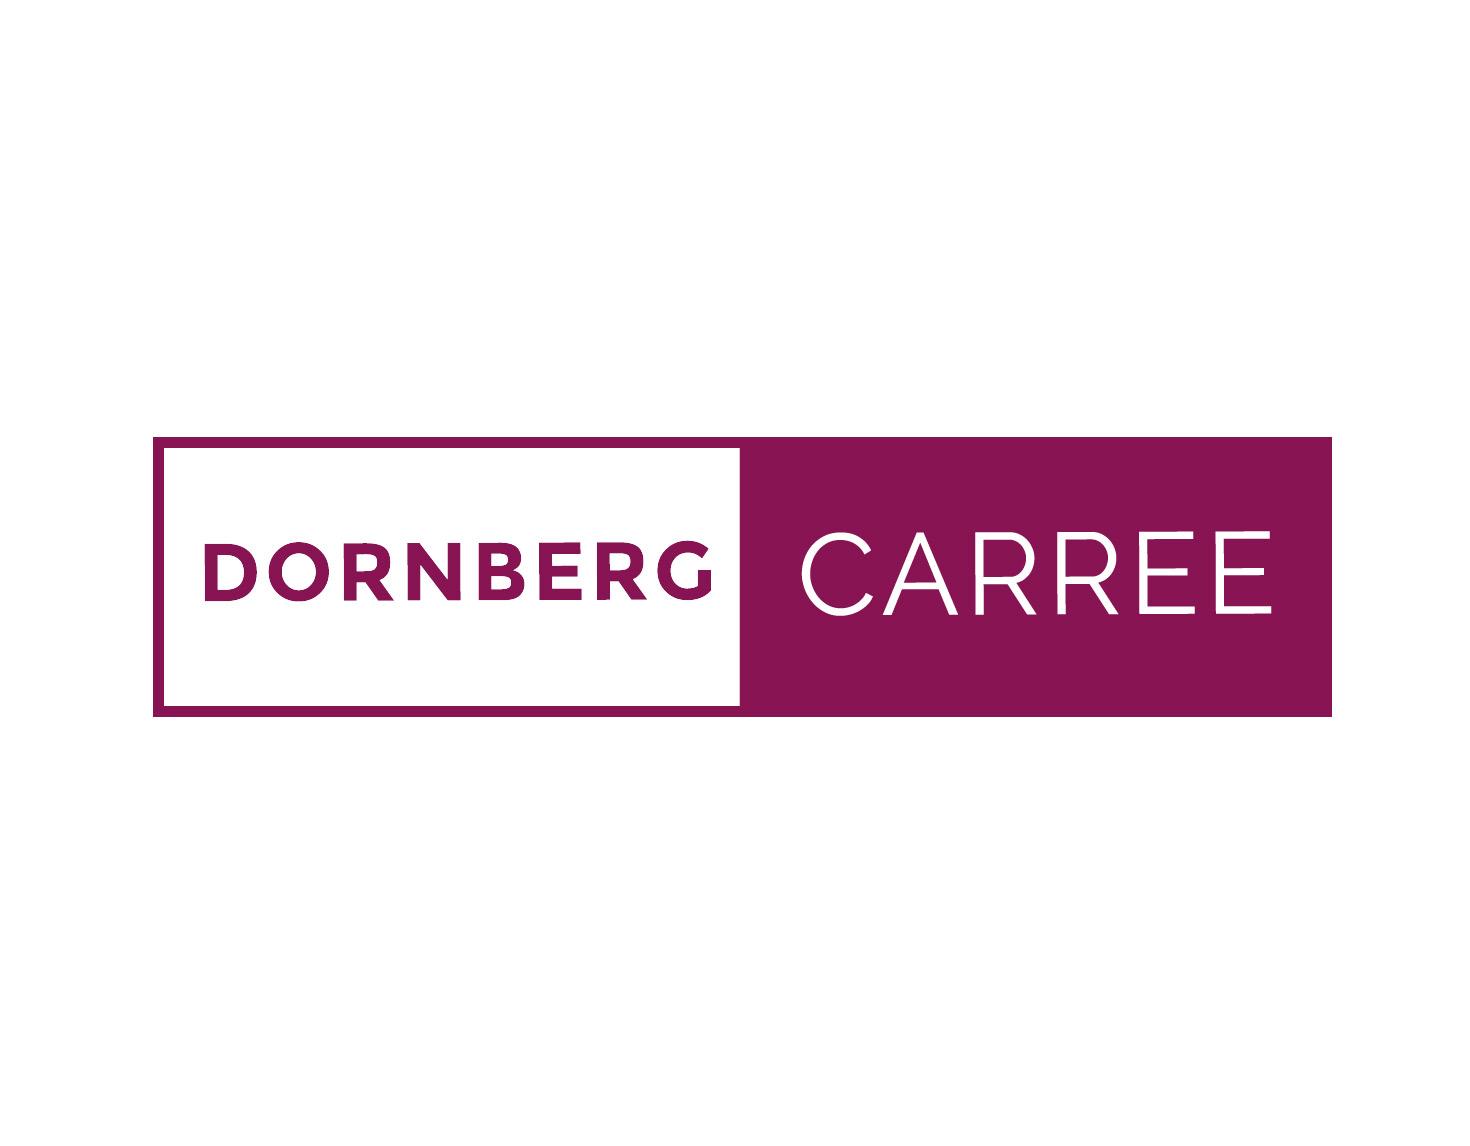 Dornberg-Carree